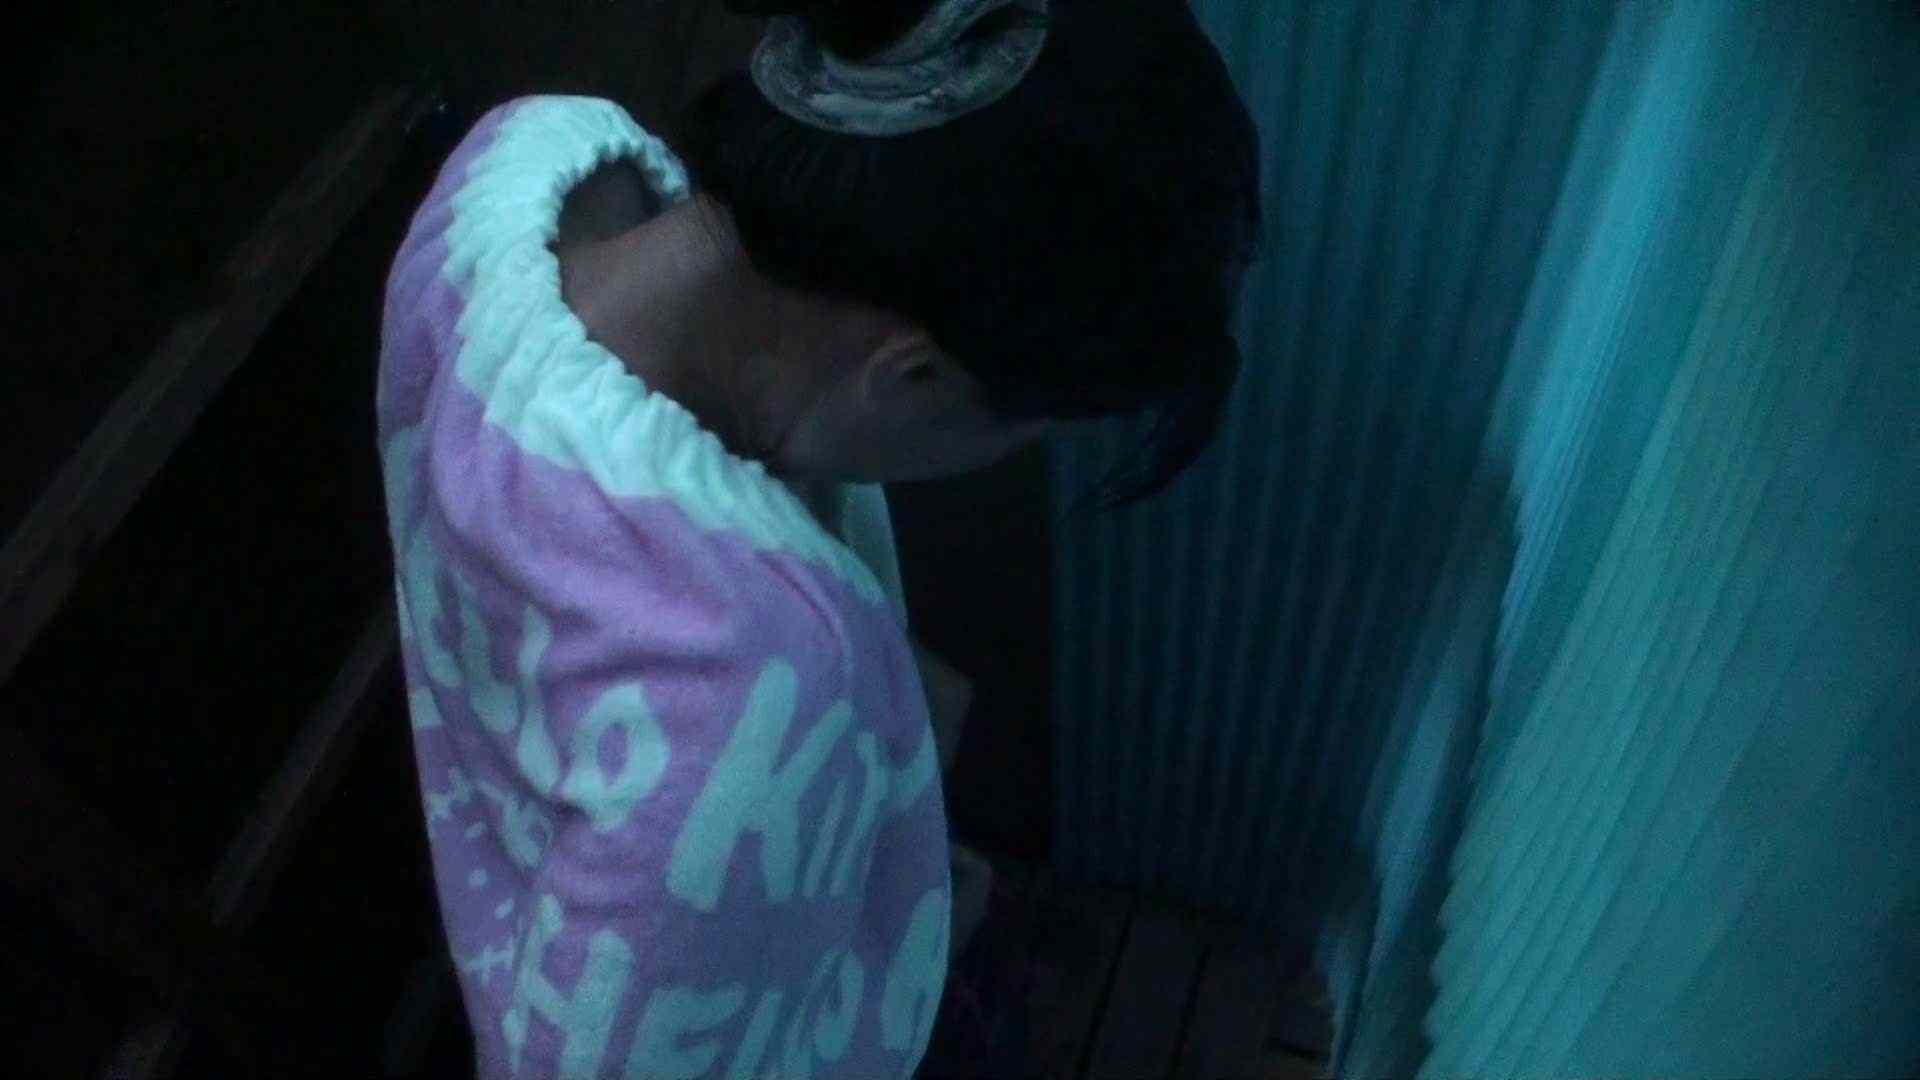 シャワールームは超!!危険な香りVol.26 大学生風美形ギャル 暗さが残念! 脱衣所の着替え 女性器鑑賞 95画像 39